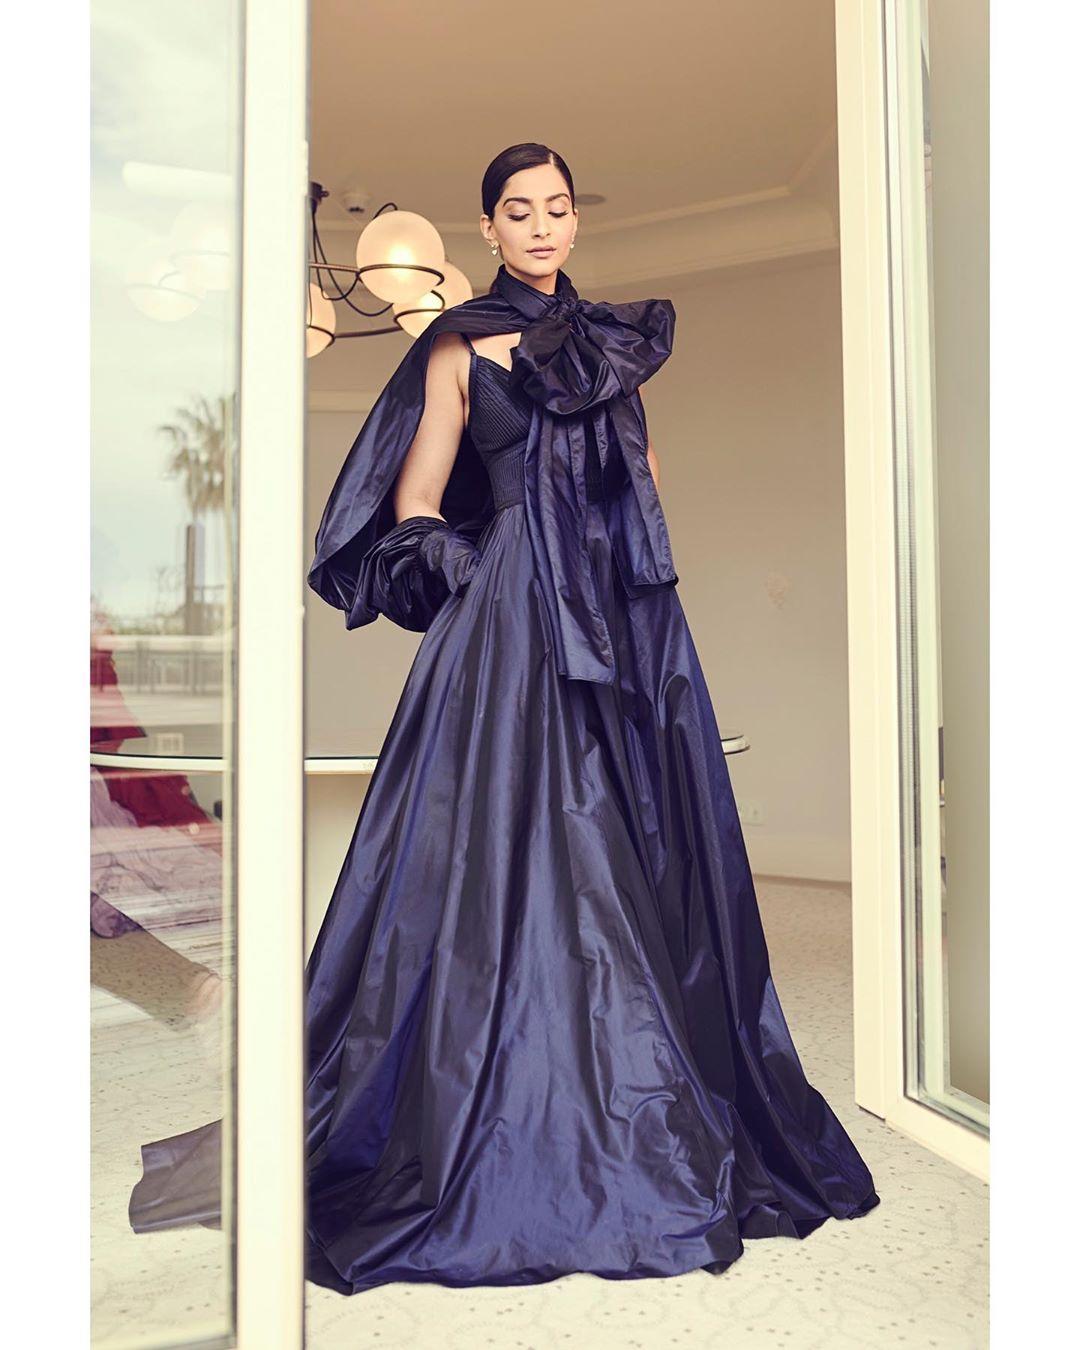 సోనమ్ కపూర్ ఫోటోస్ Photo: Instagram.com/sonamkapoor